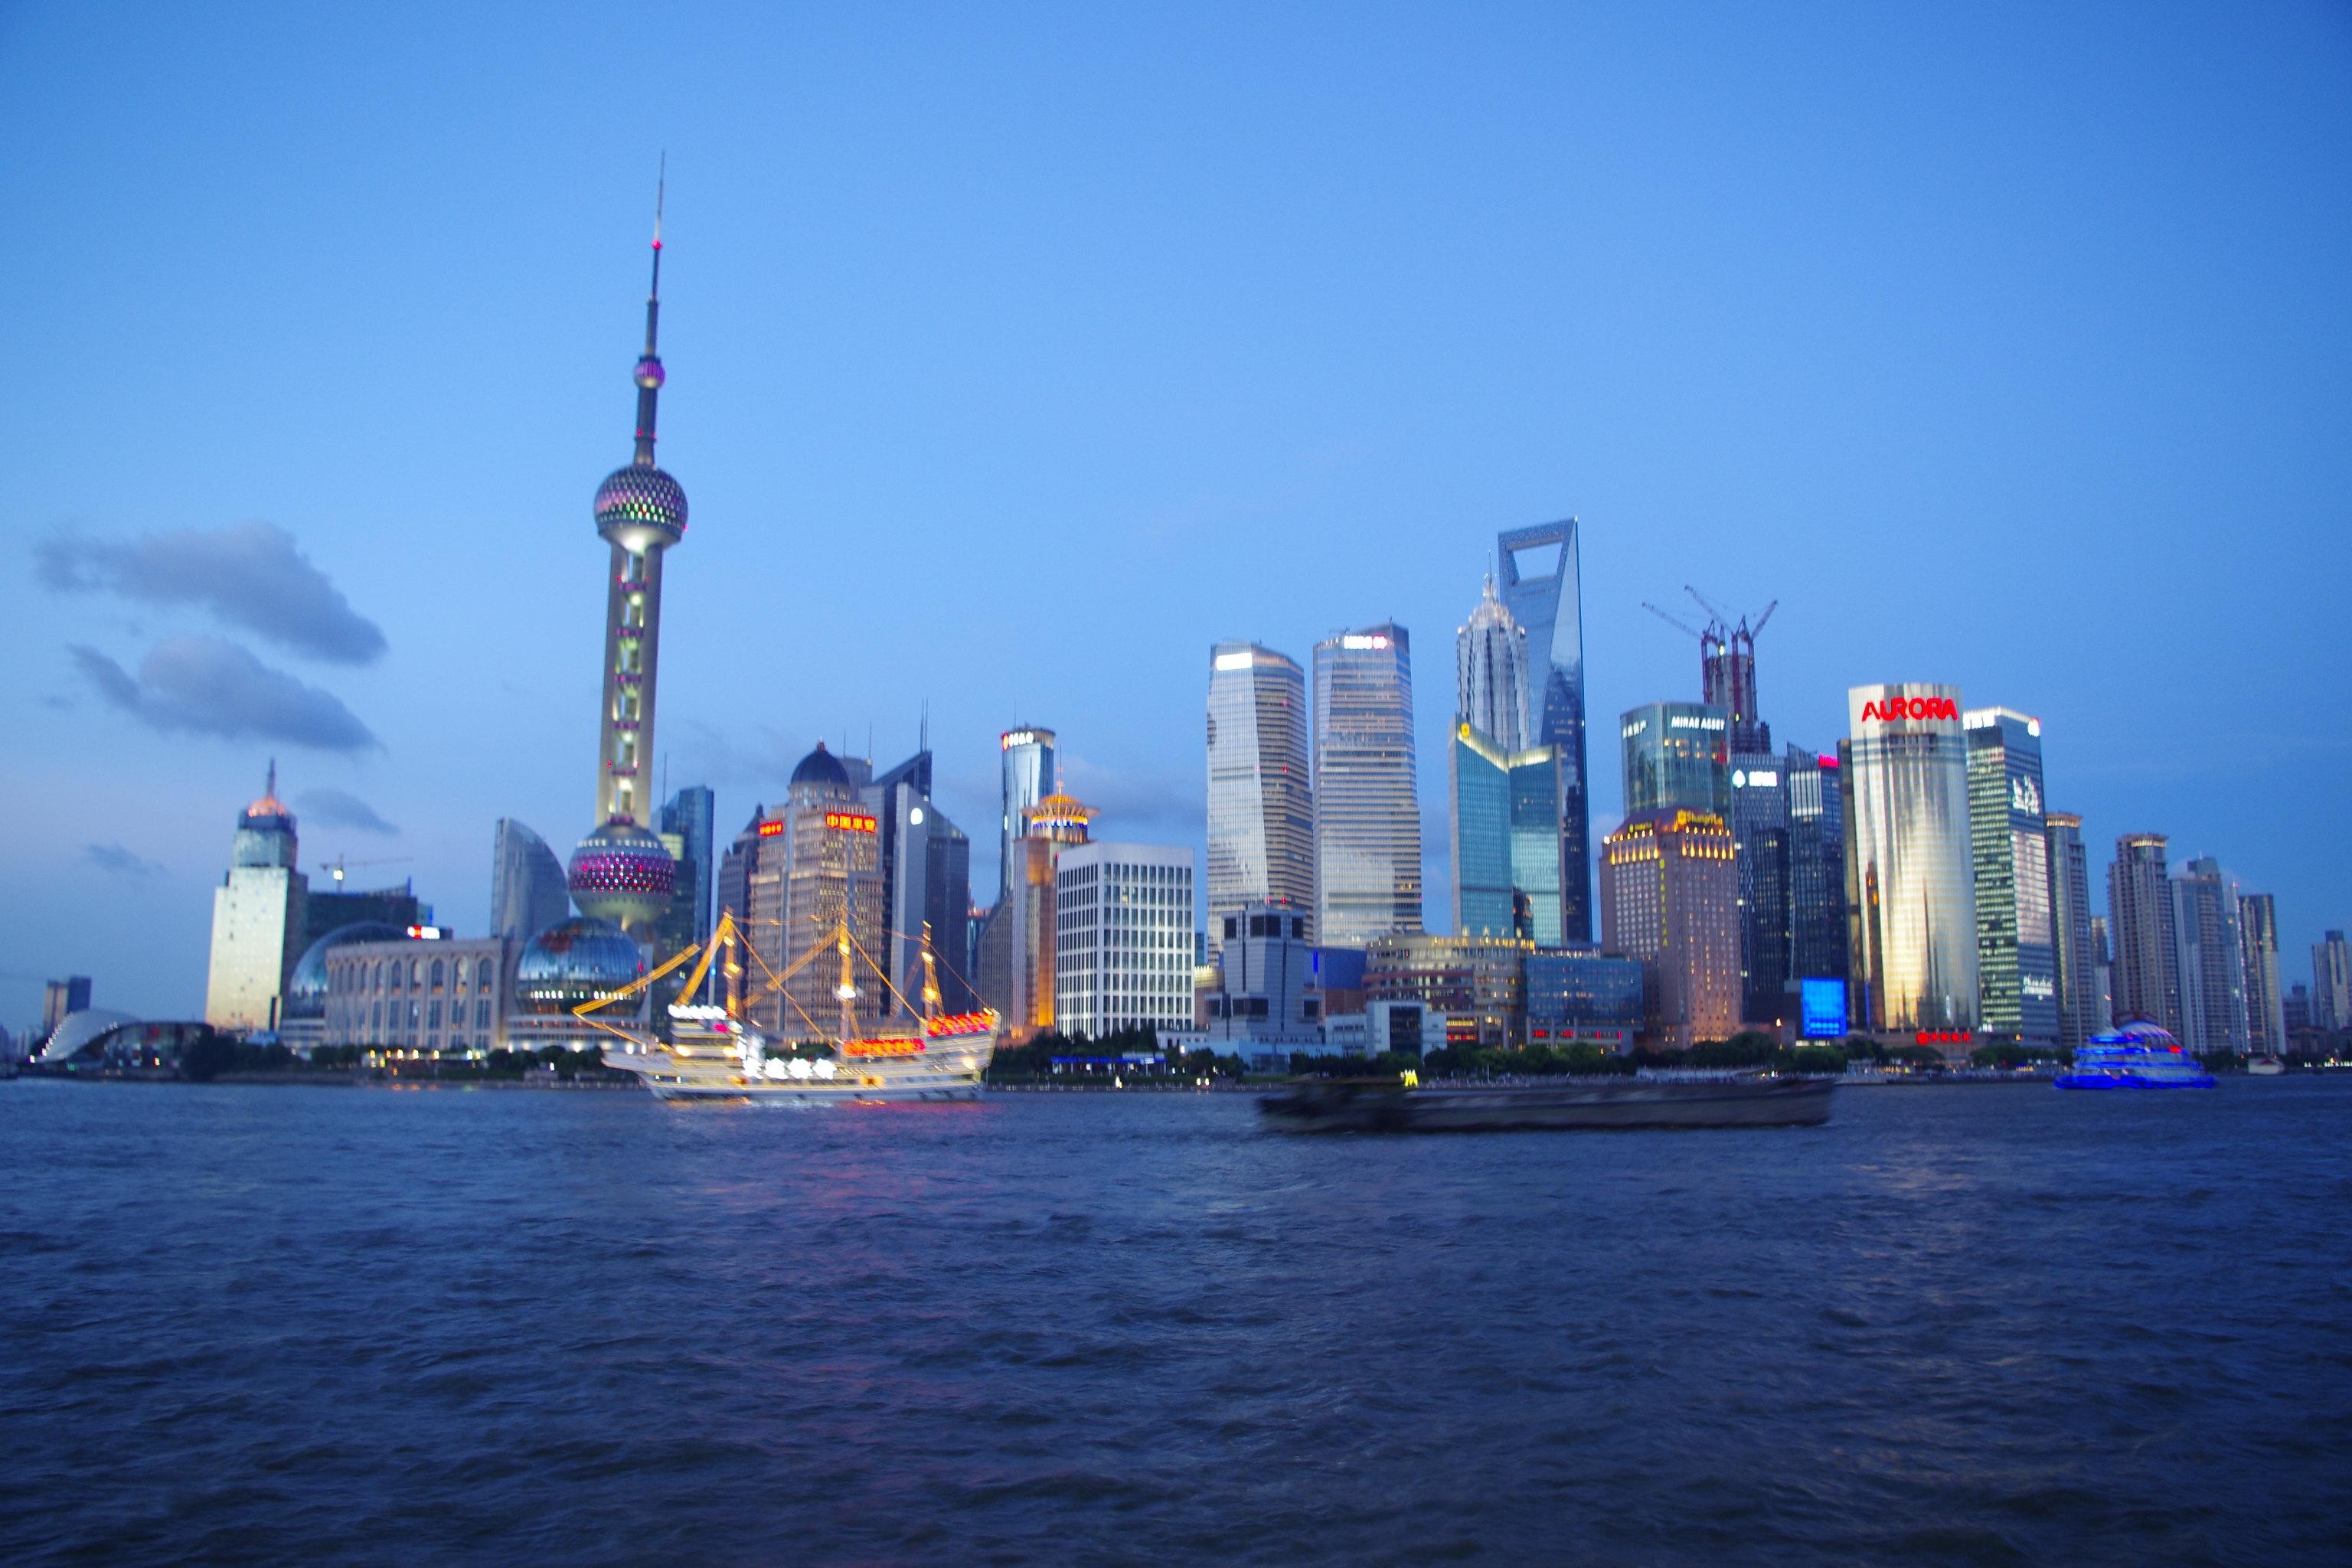 上海东方明珠 黄浦江游船 外滩观光隧道 中共一大会址一日游【上海